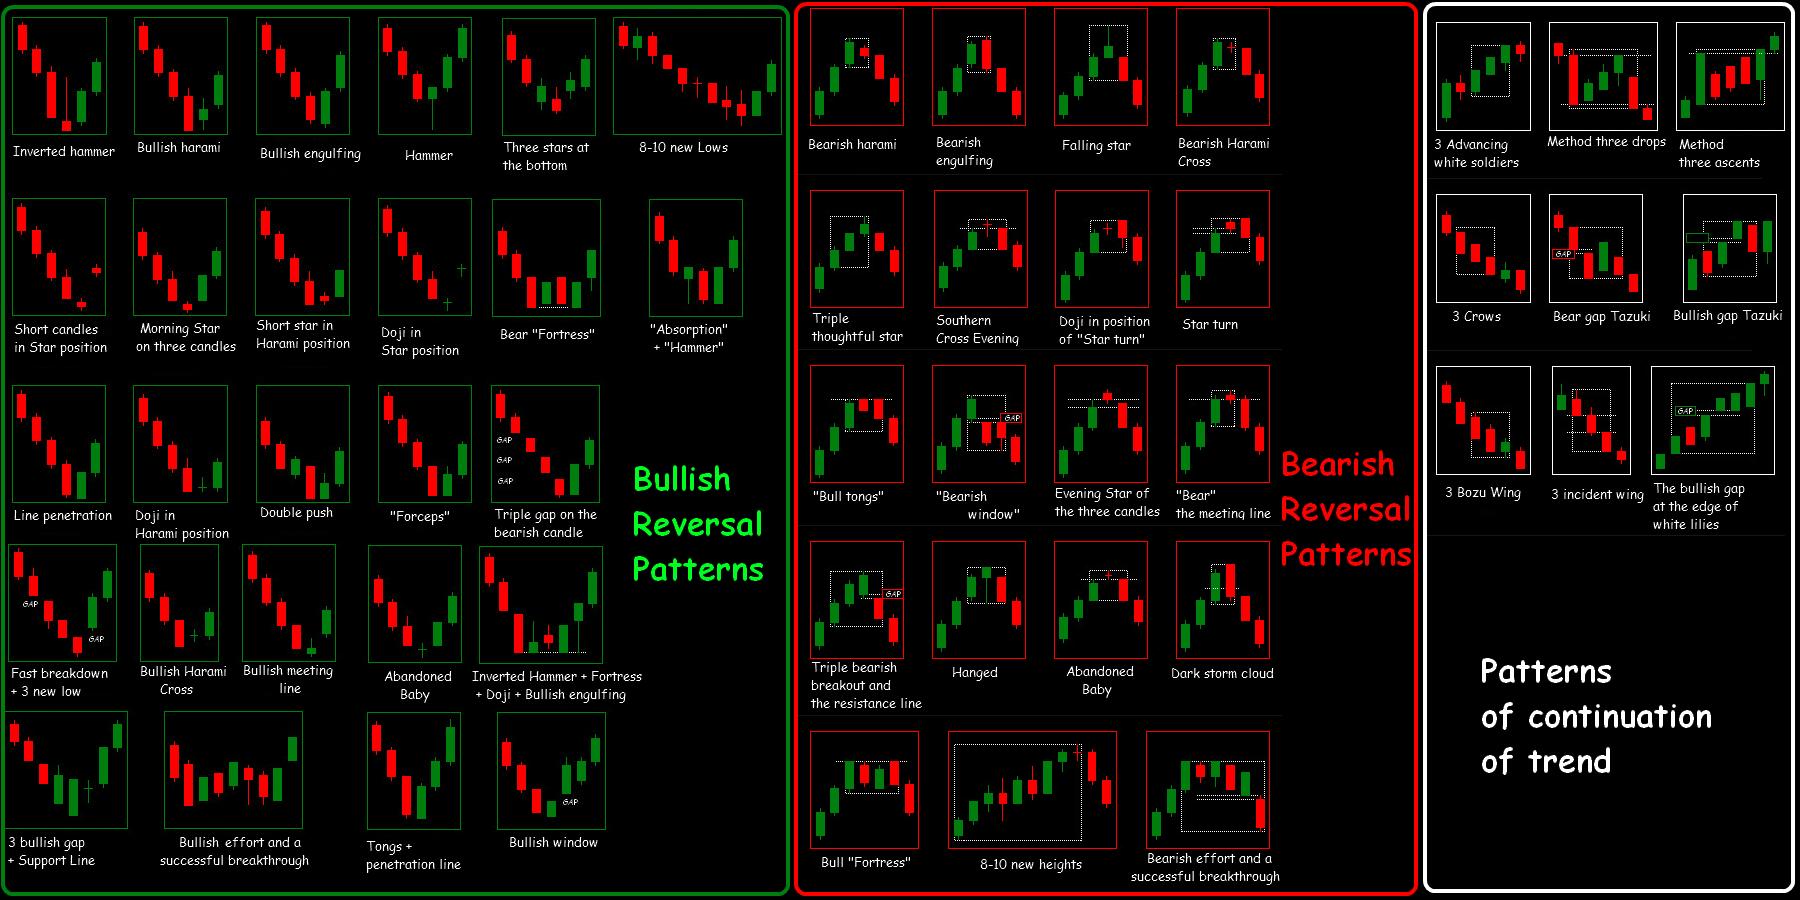 a bináris opciók befektetés nélkül kezdenek kereskedni)